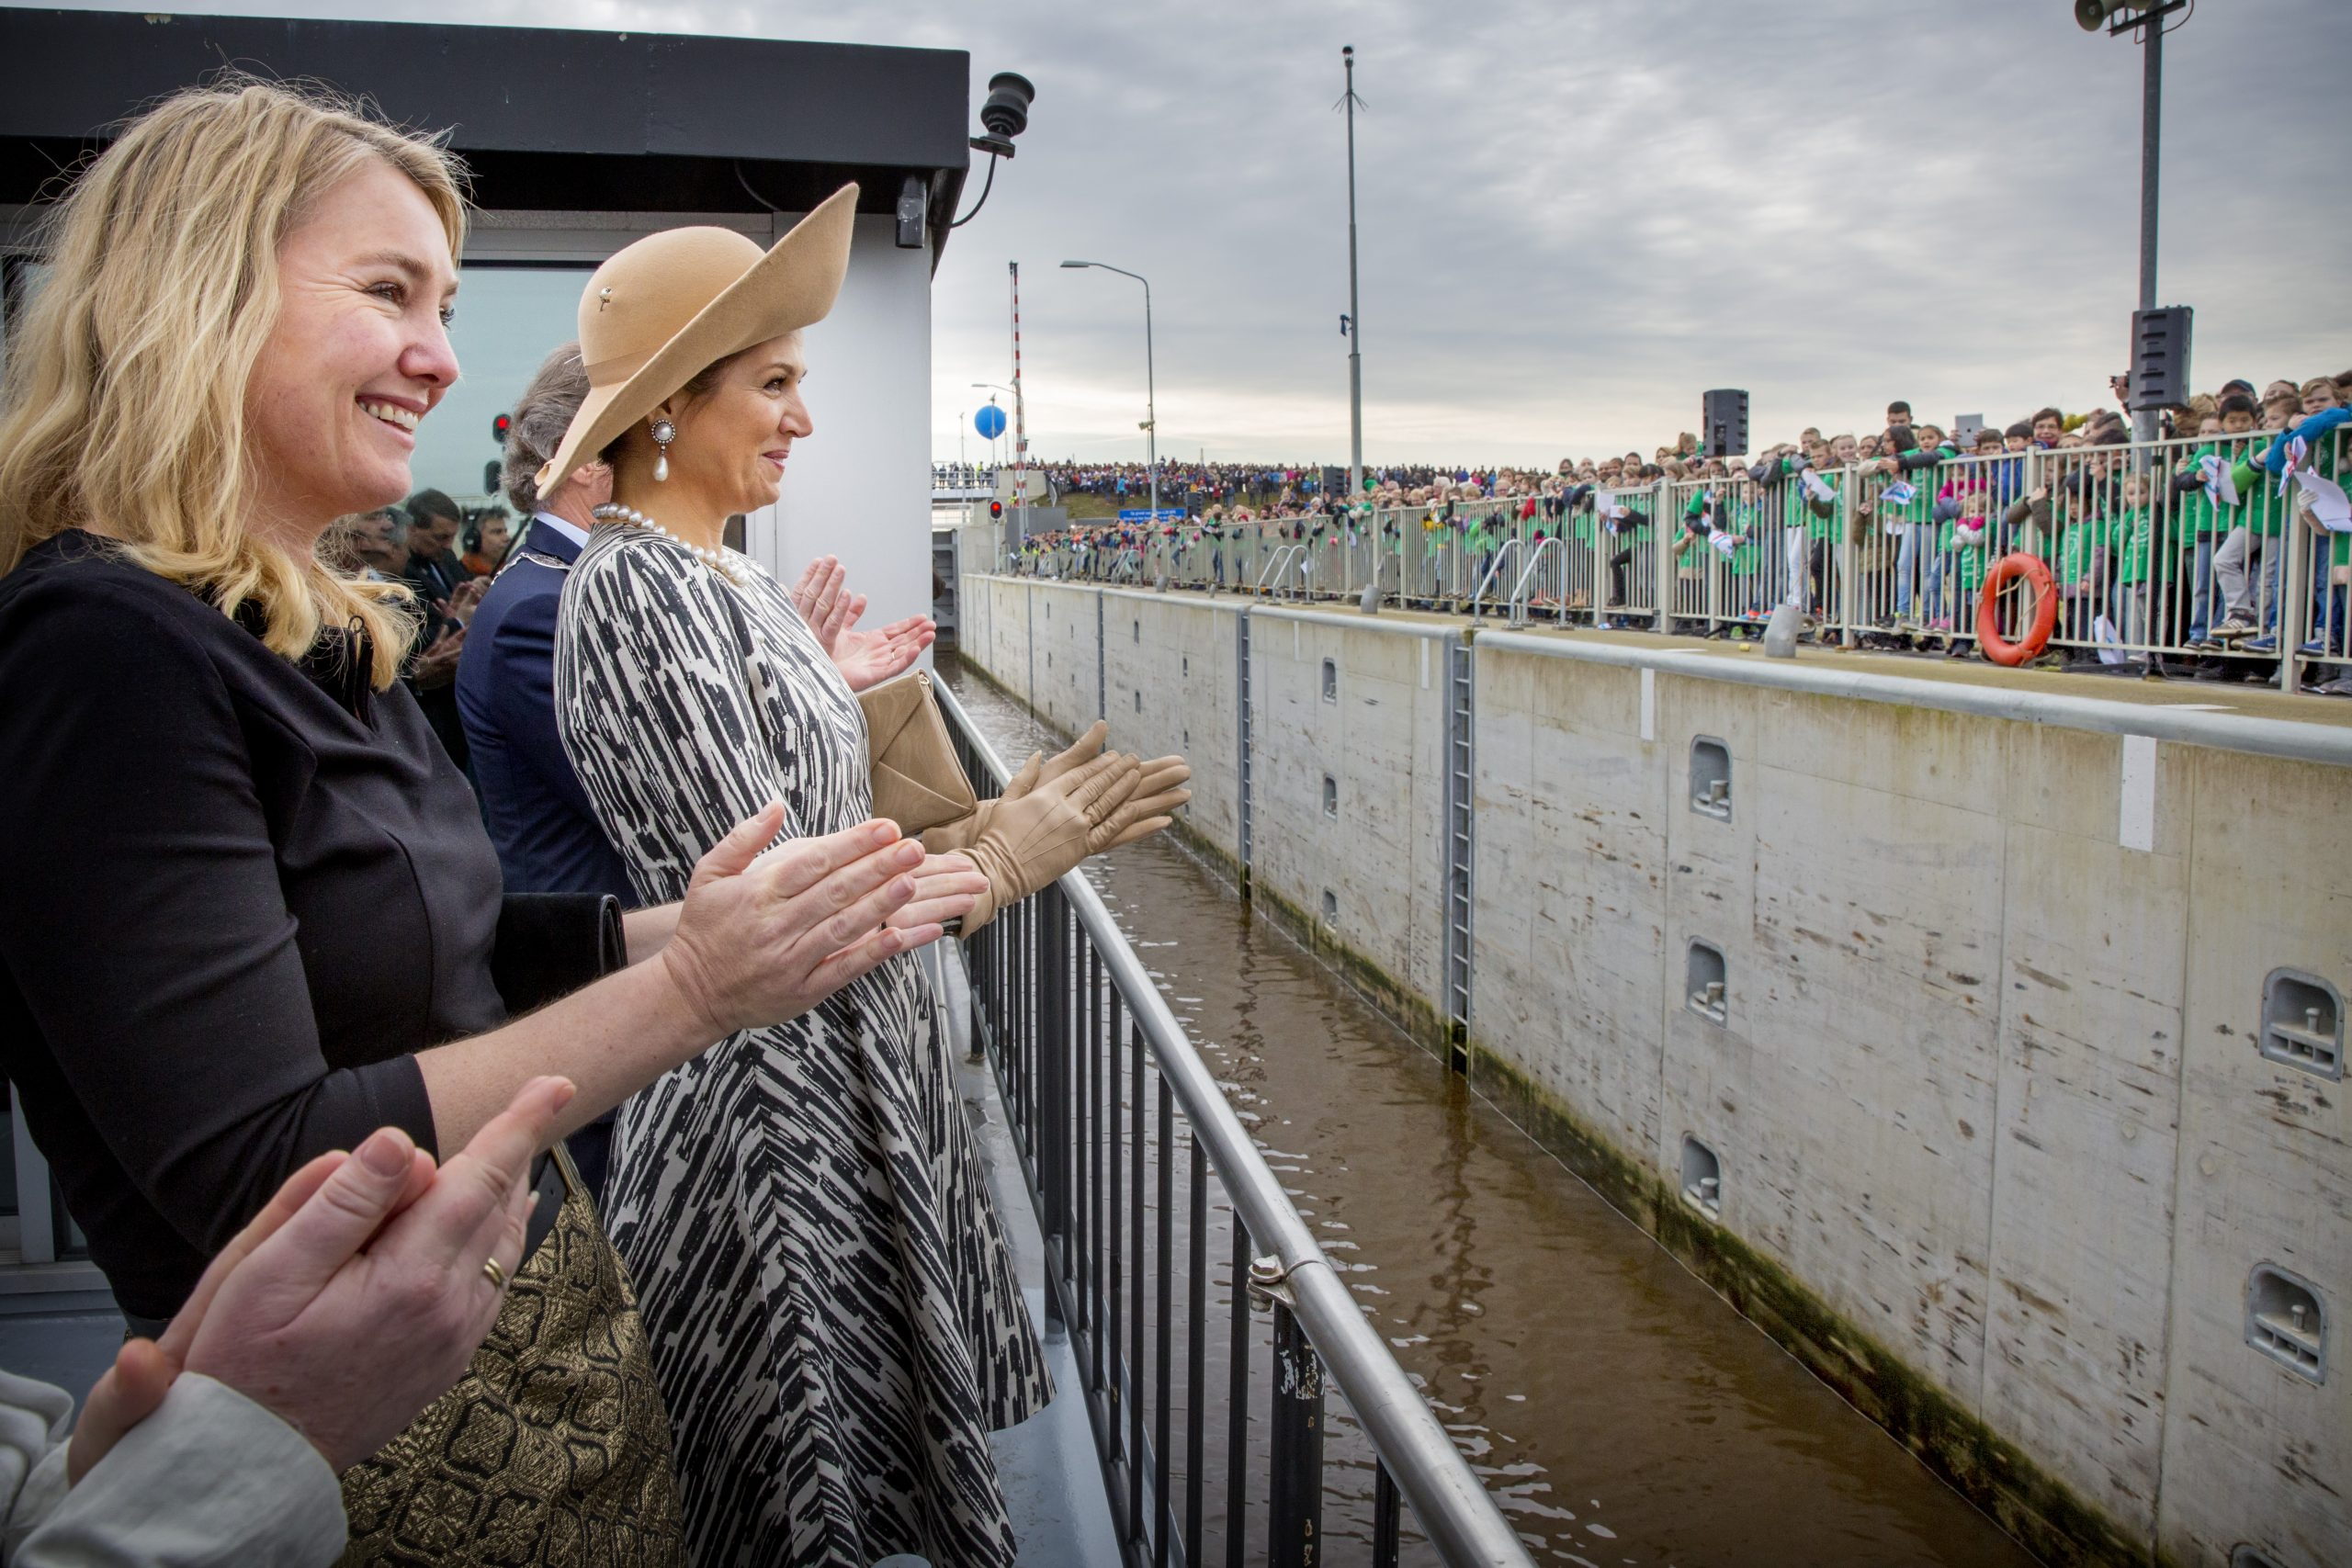 Koningin Máxima opent het Máximakanaal in 2015 bijgestaan door minister van Infrastructuur Melanie Schultz van Haegen (Foto ANP / Robin Utrecht)